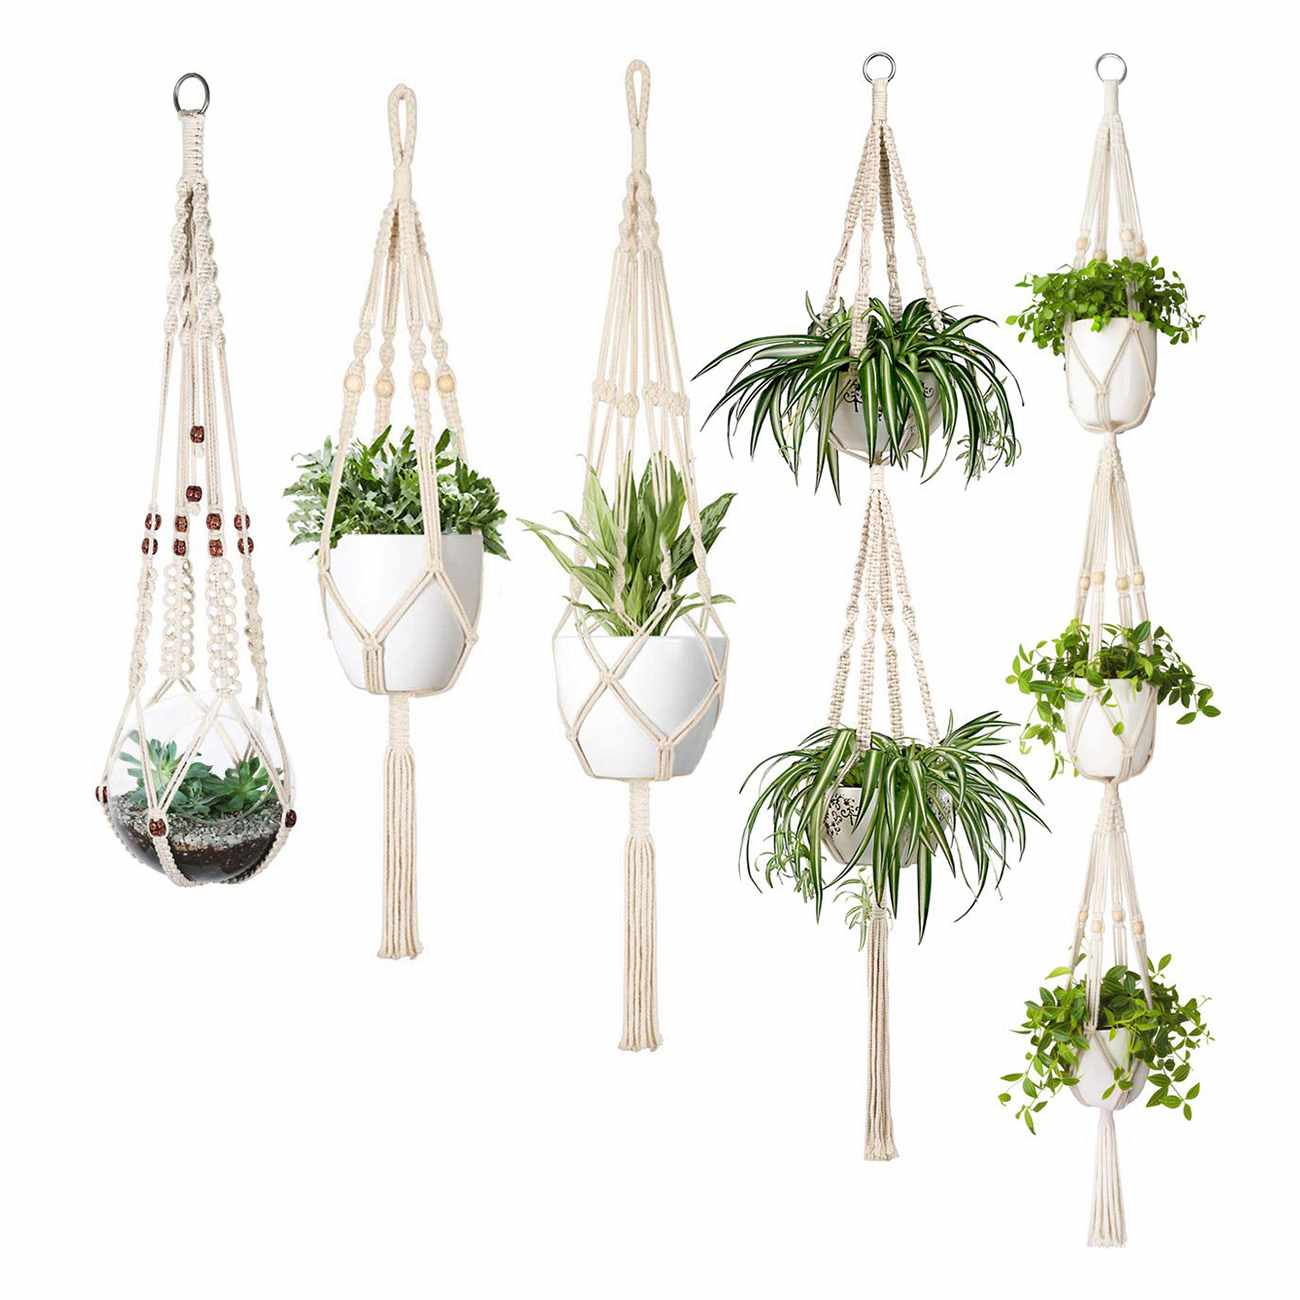 Gastvrij Macrame Plant Hanger Set Van 5 Indoor Muur Opknoping Planter Mand Bloempot Houder Boho Home Decor